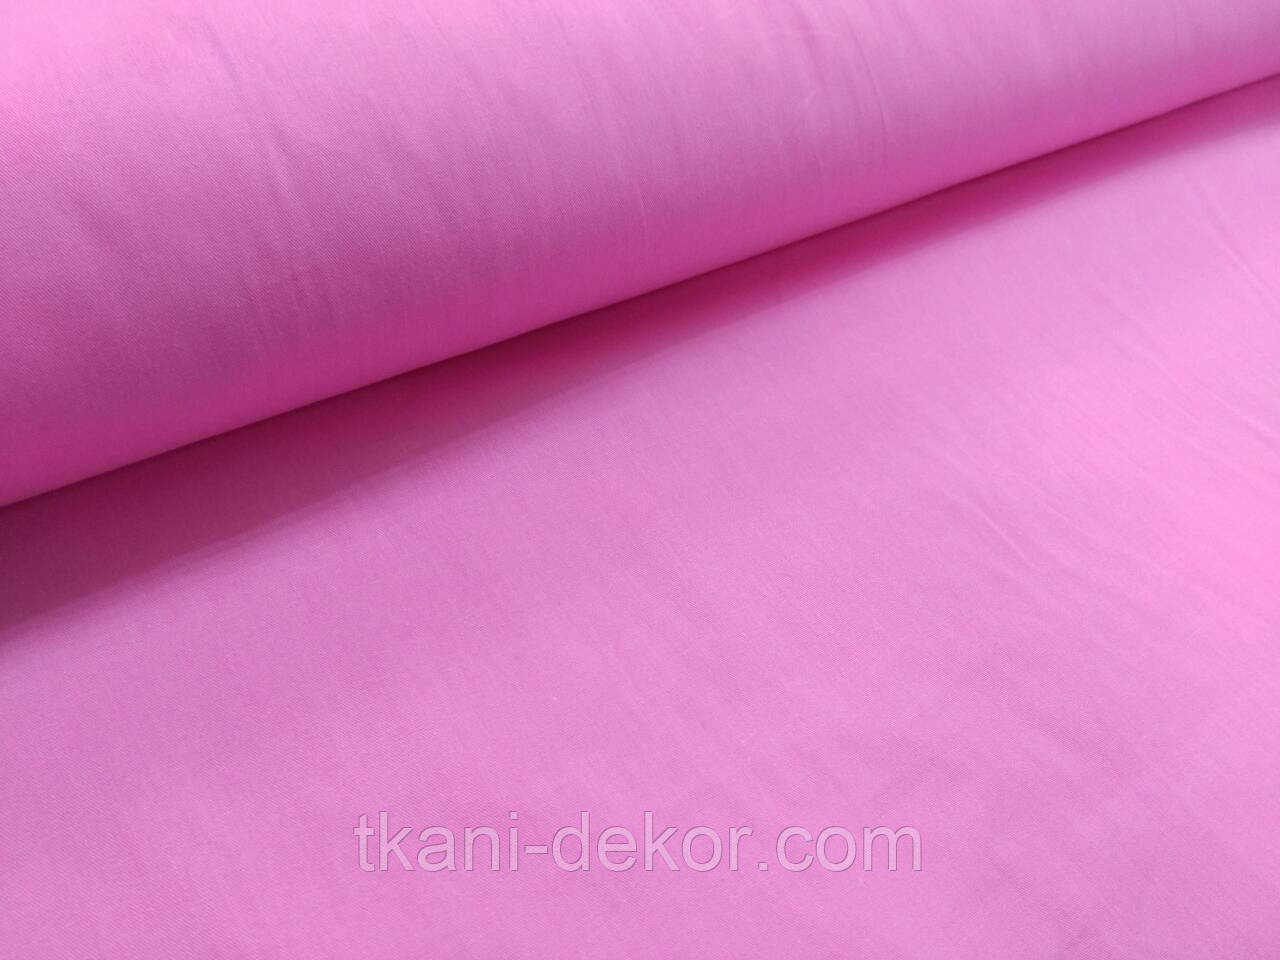 Сатин (хлопковая ткань) темно-розовый однотонный (40*160)